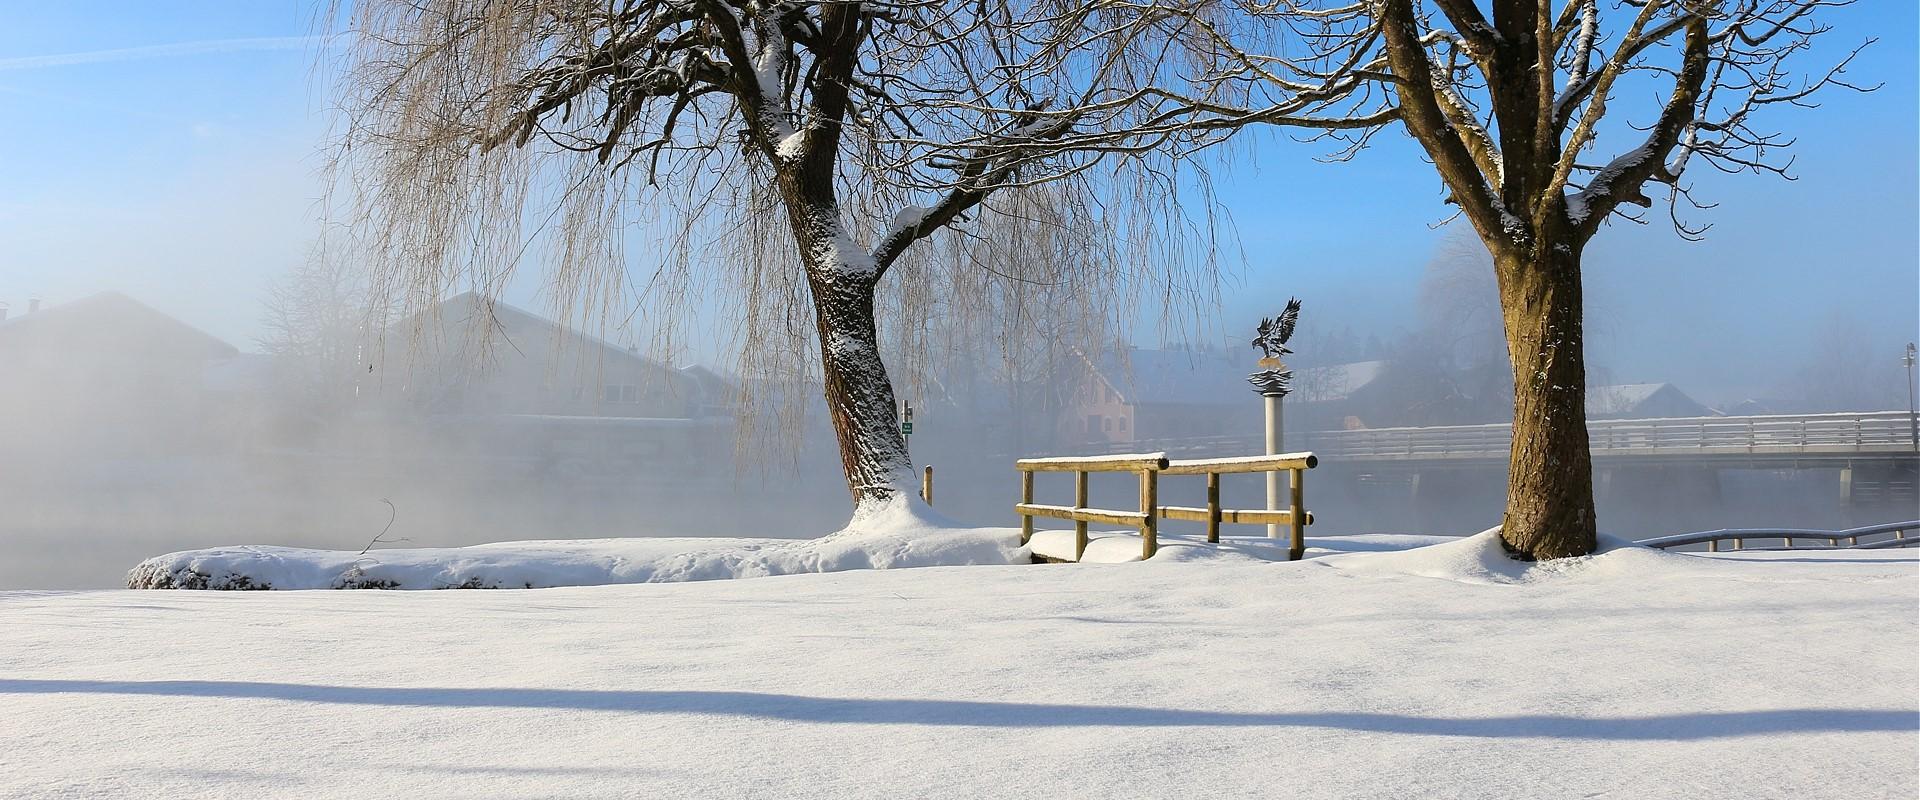 Alzbad im Winter, © Hacker Christel